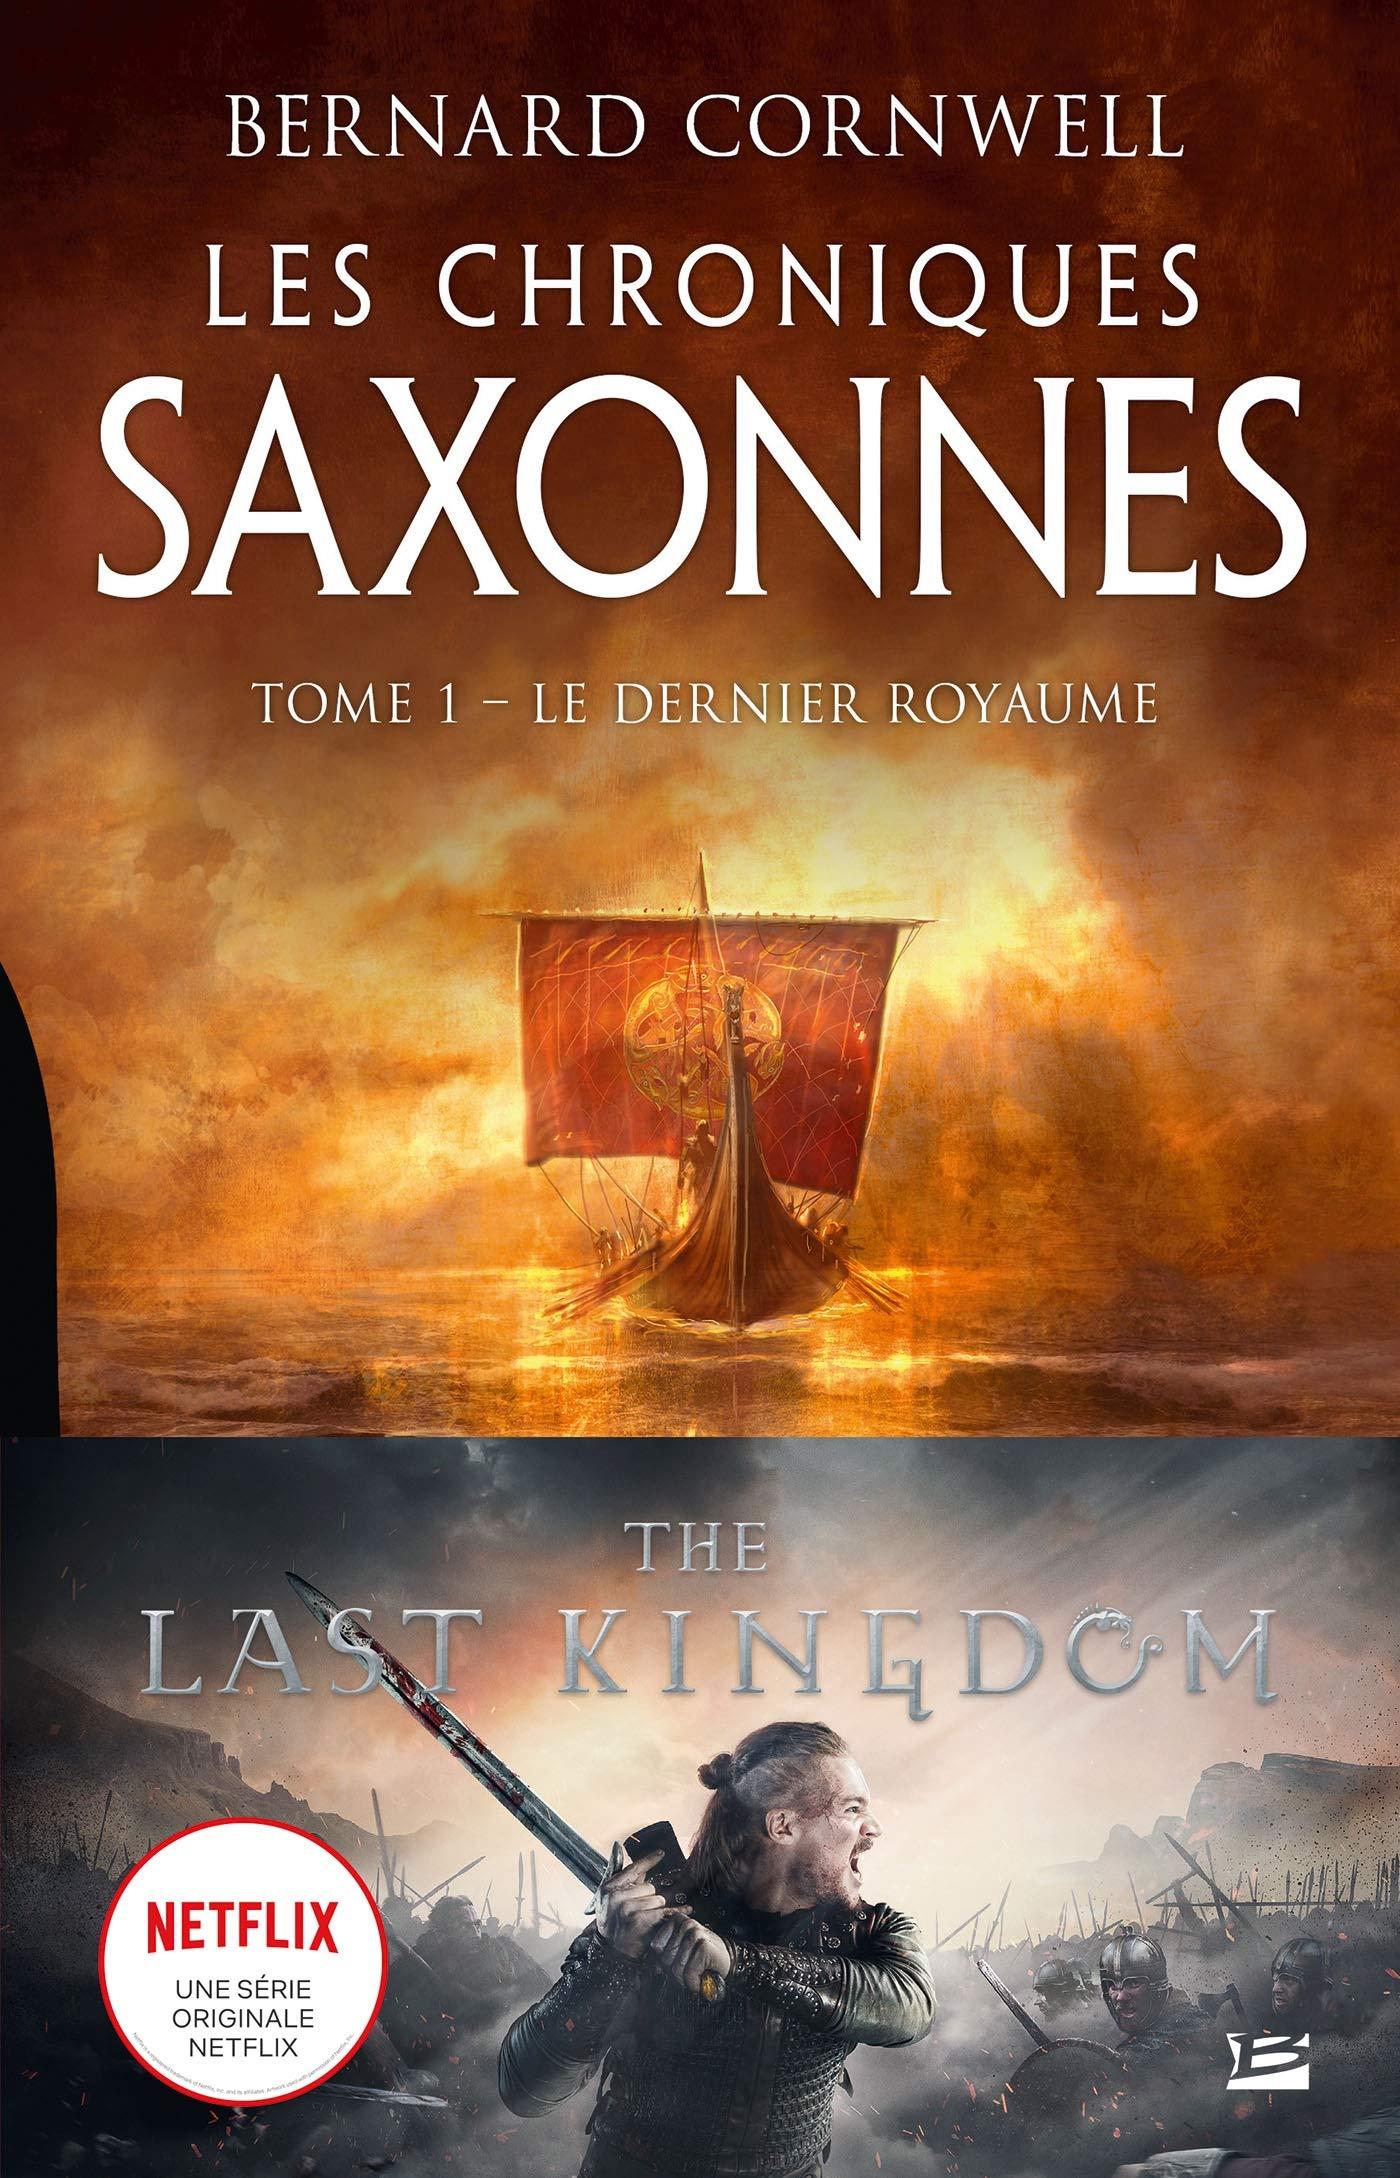 Les Chroniques saxonnes – Tome 1 – Le Dernier Royaume / The Last Kingdom